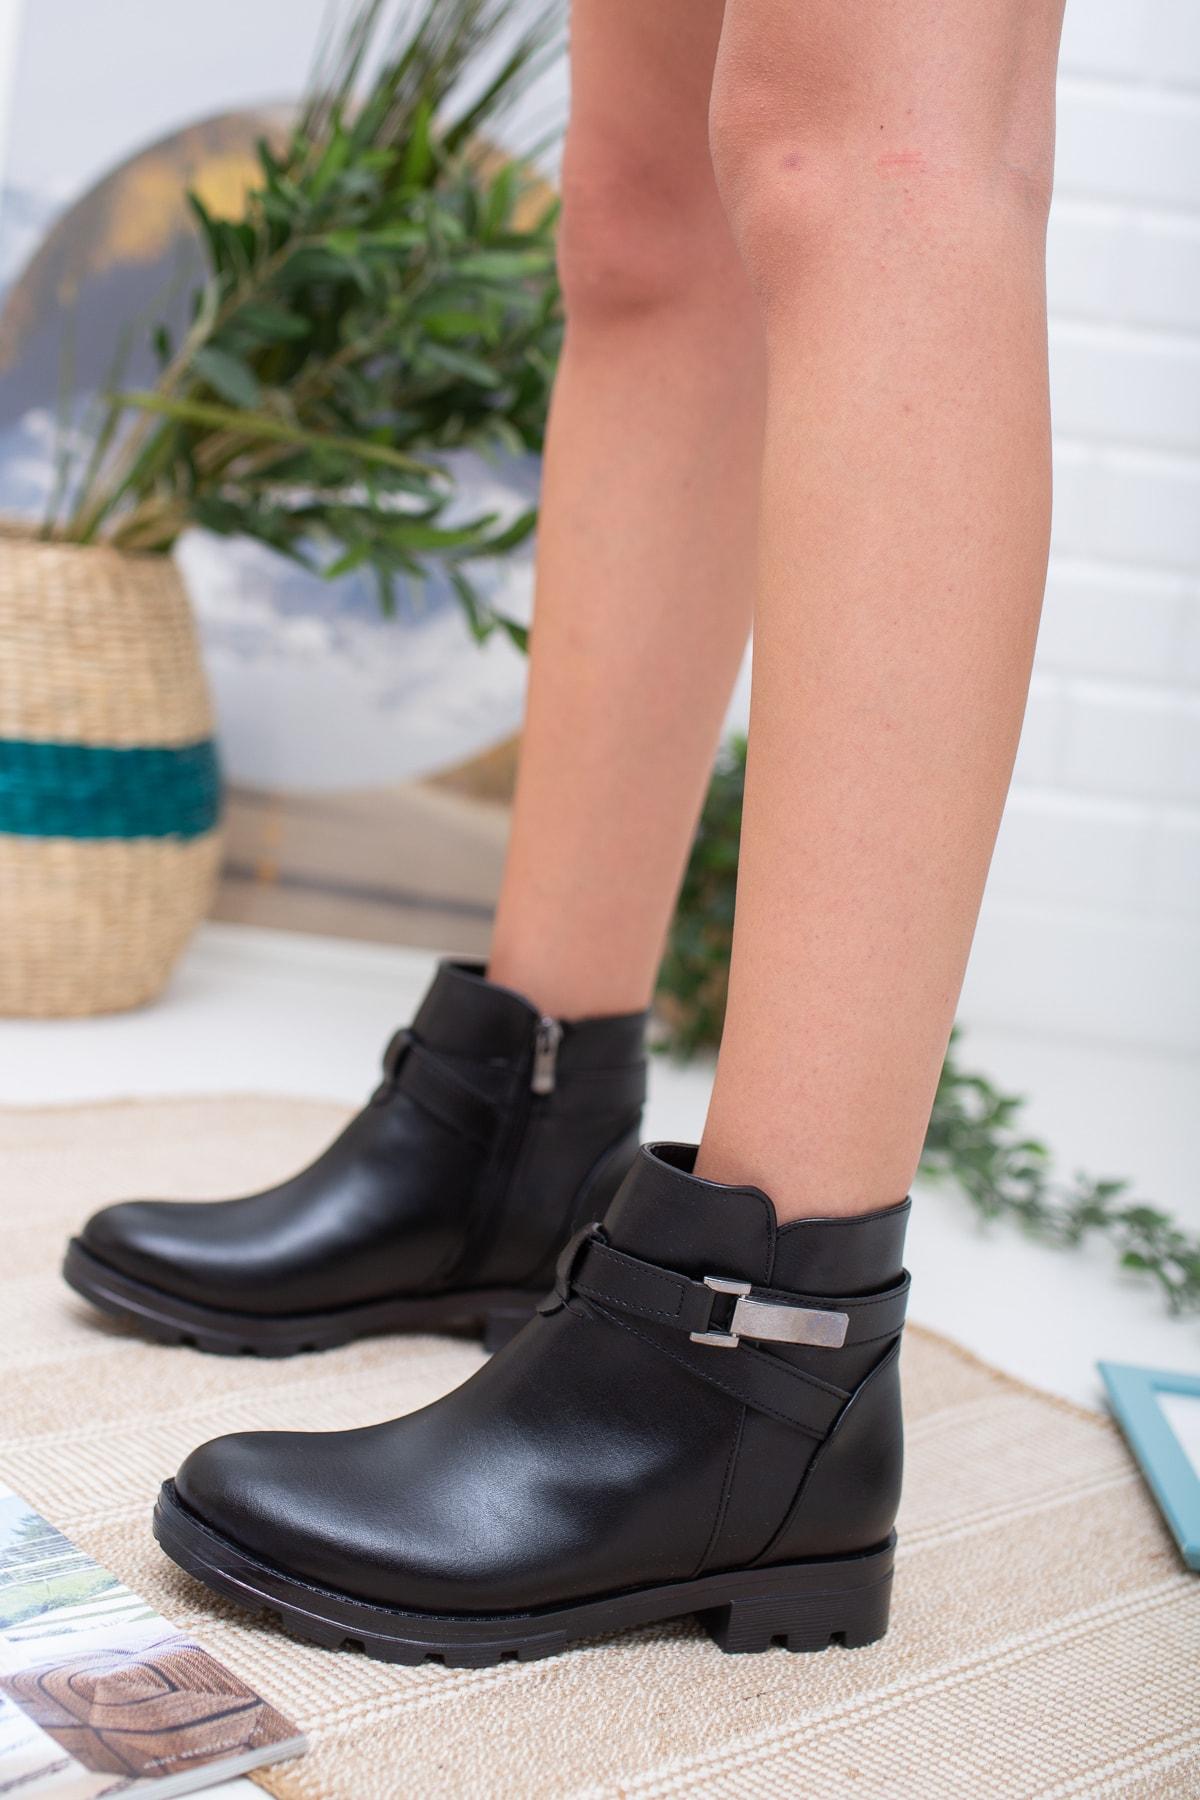 meyra'nın ayakkabıları Siyah Cilt Tokatlı Bot 1